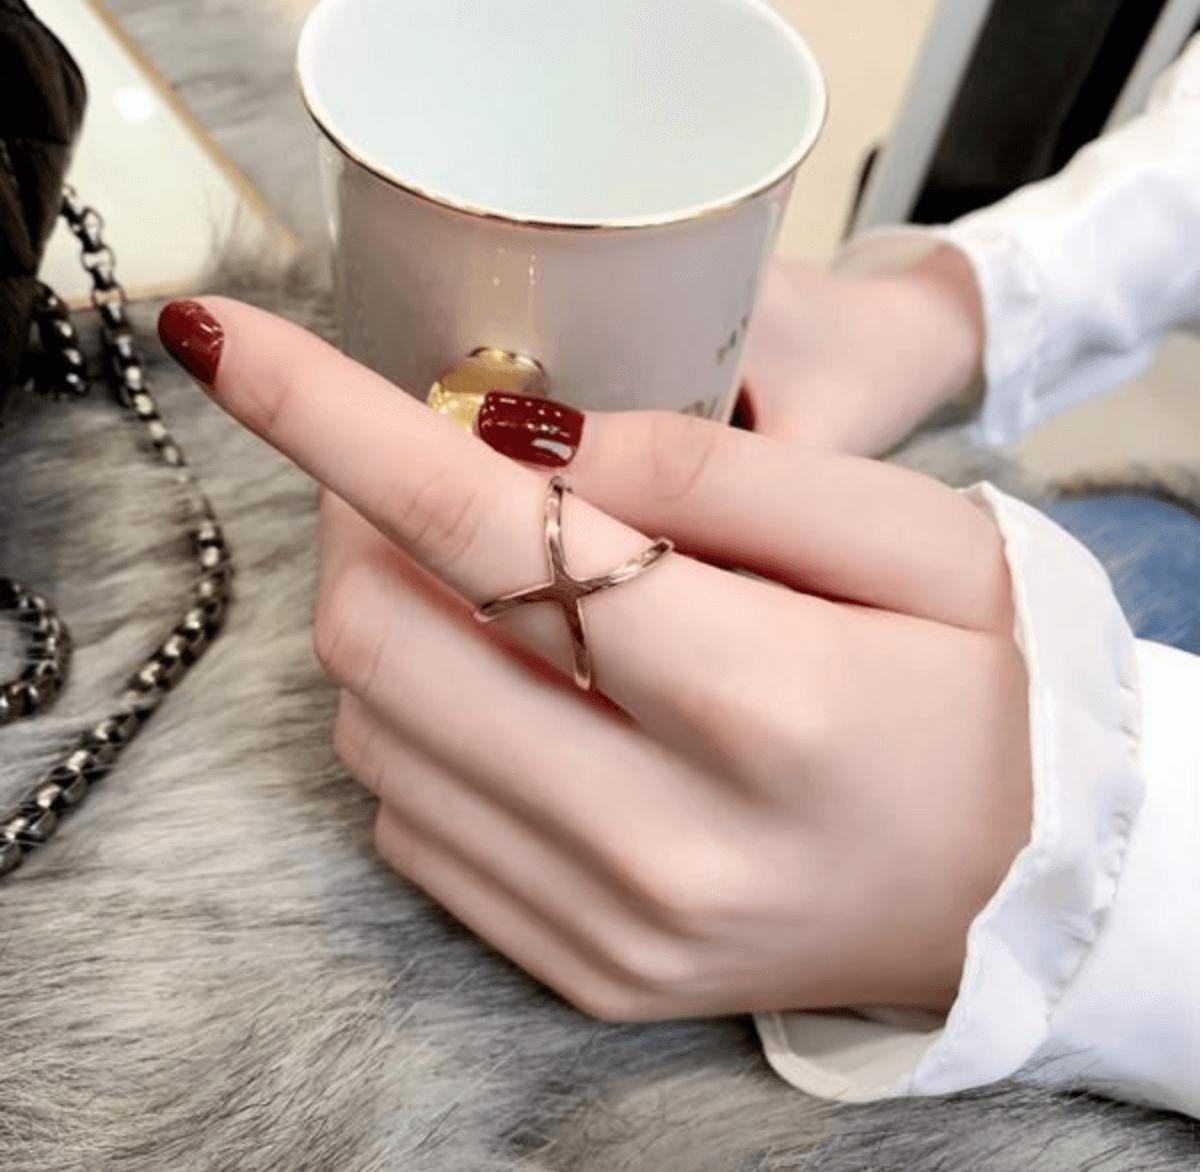 Un solo anillo por mano.